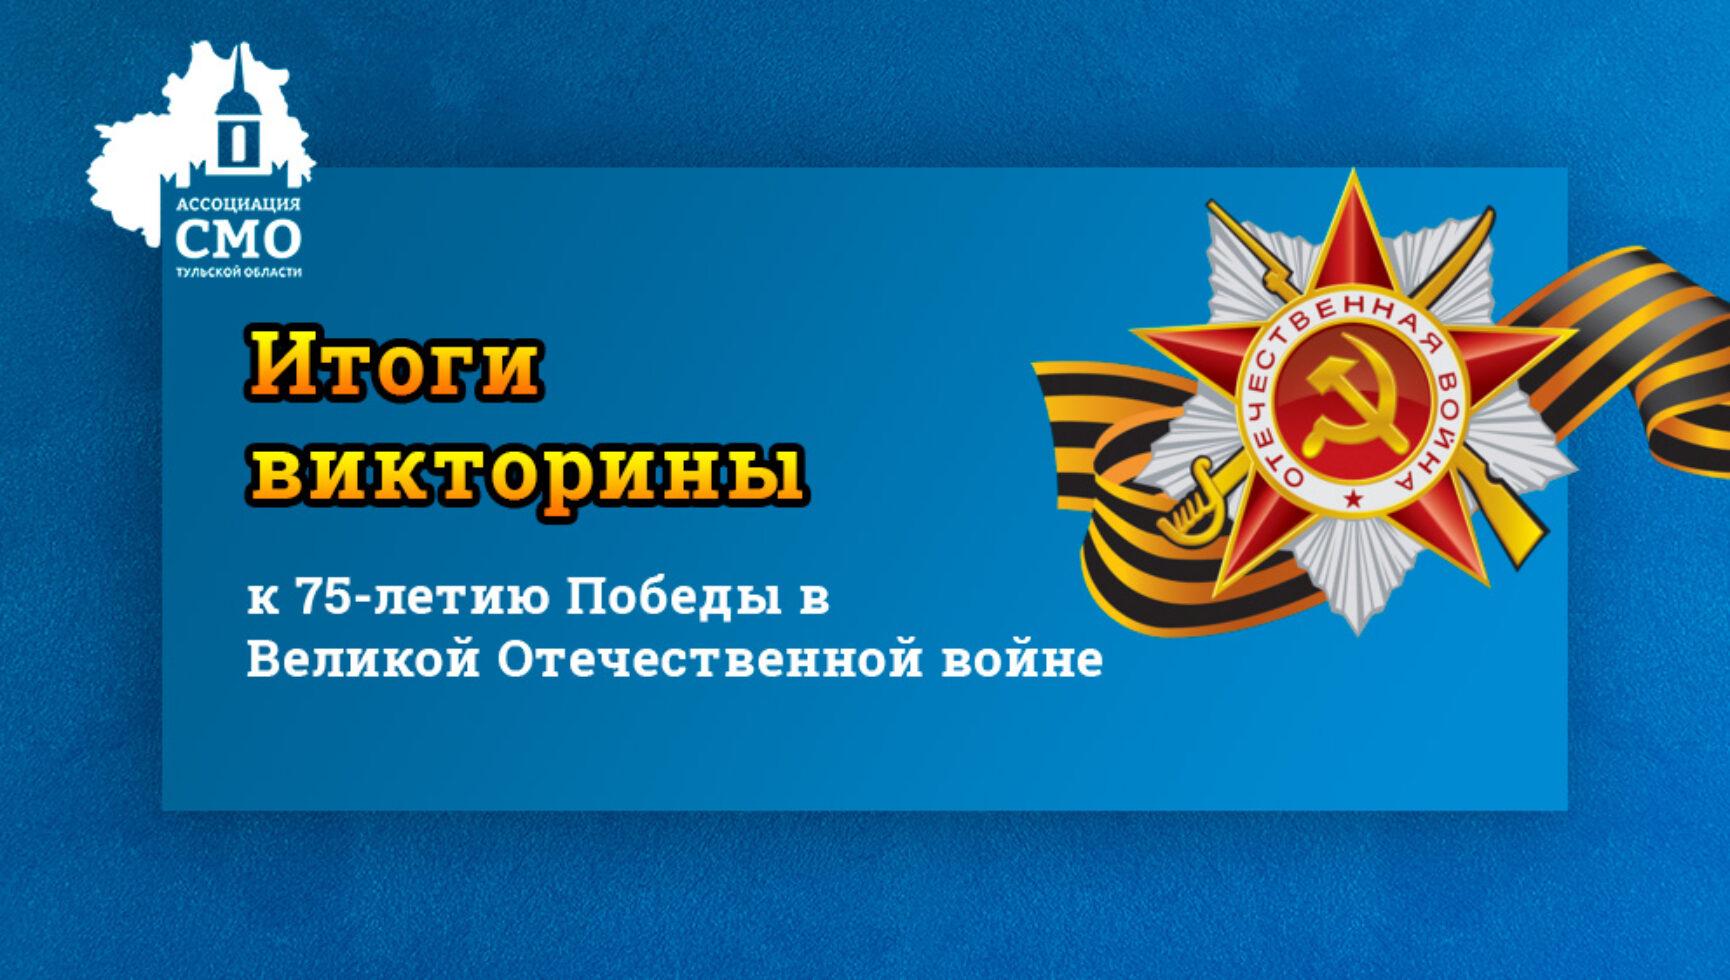 Итоги викторины, посвященной 75-летию Победы в Великой Отечественной войне